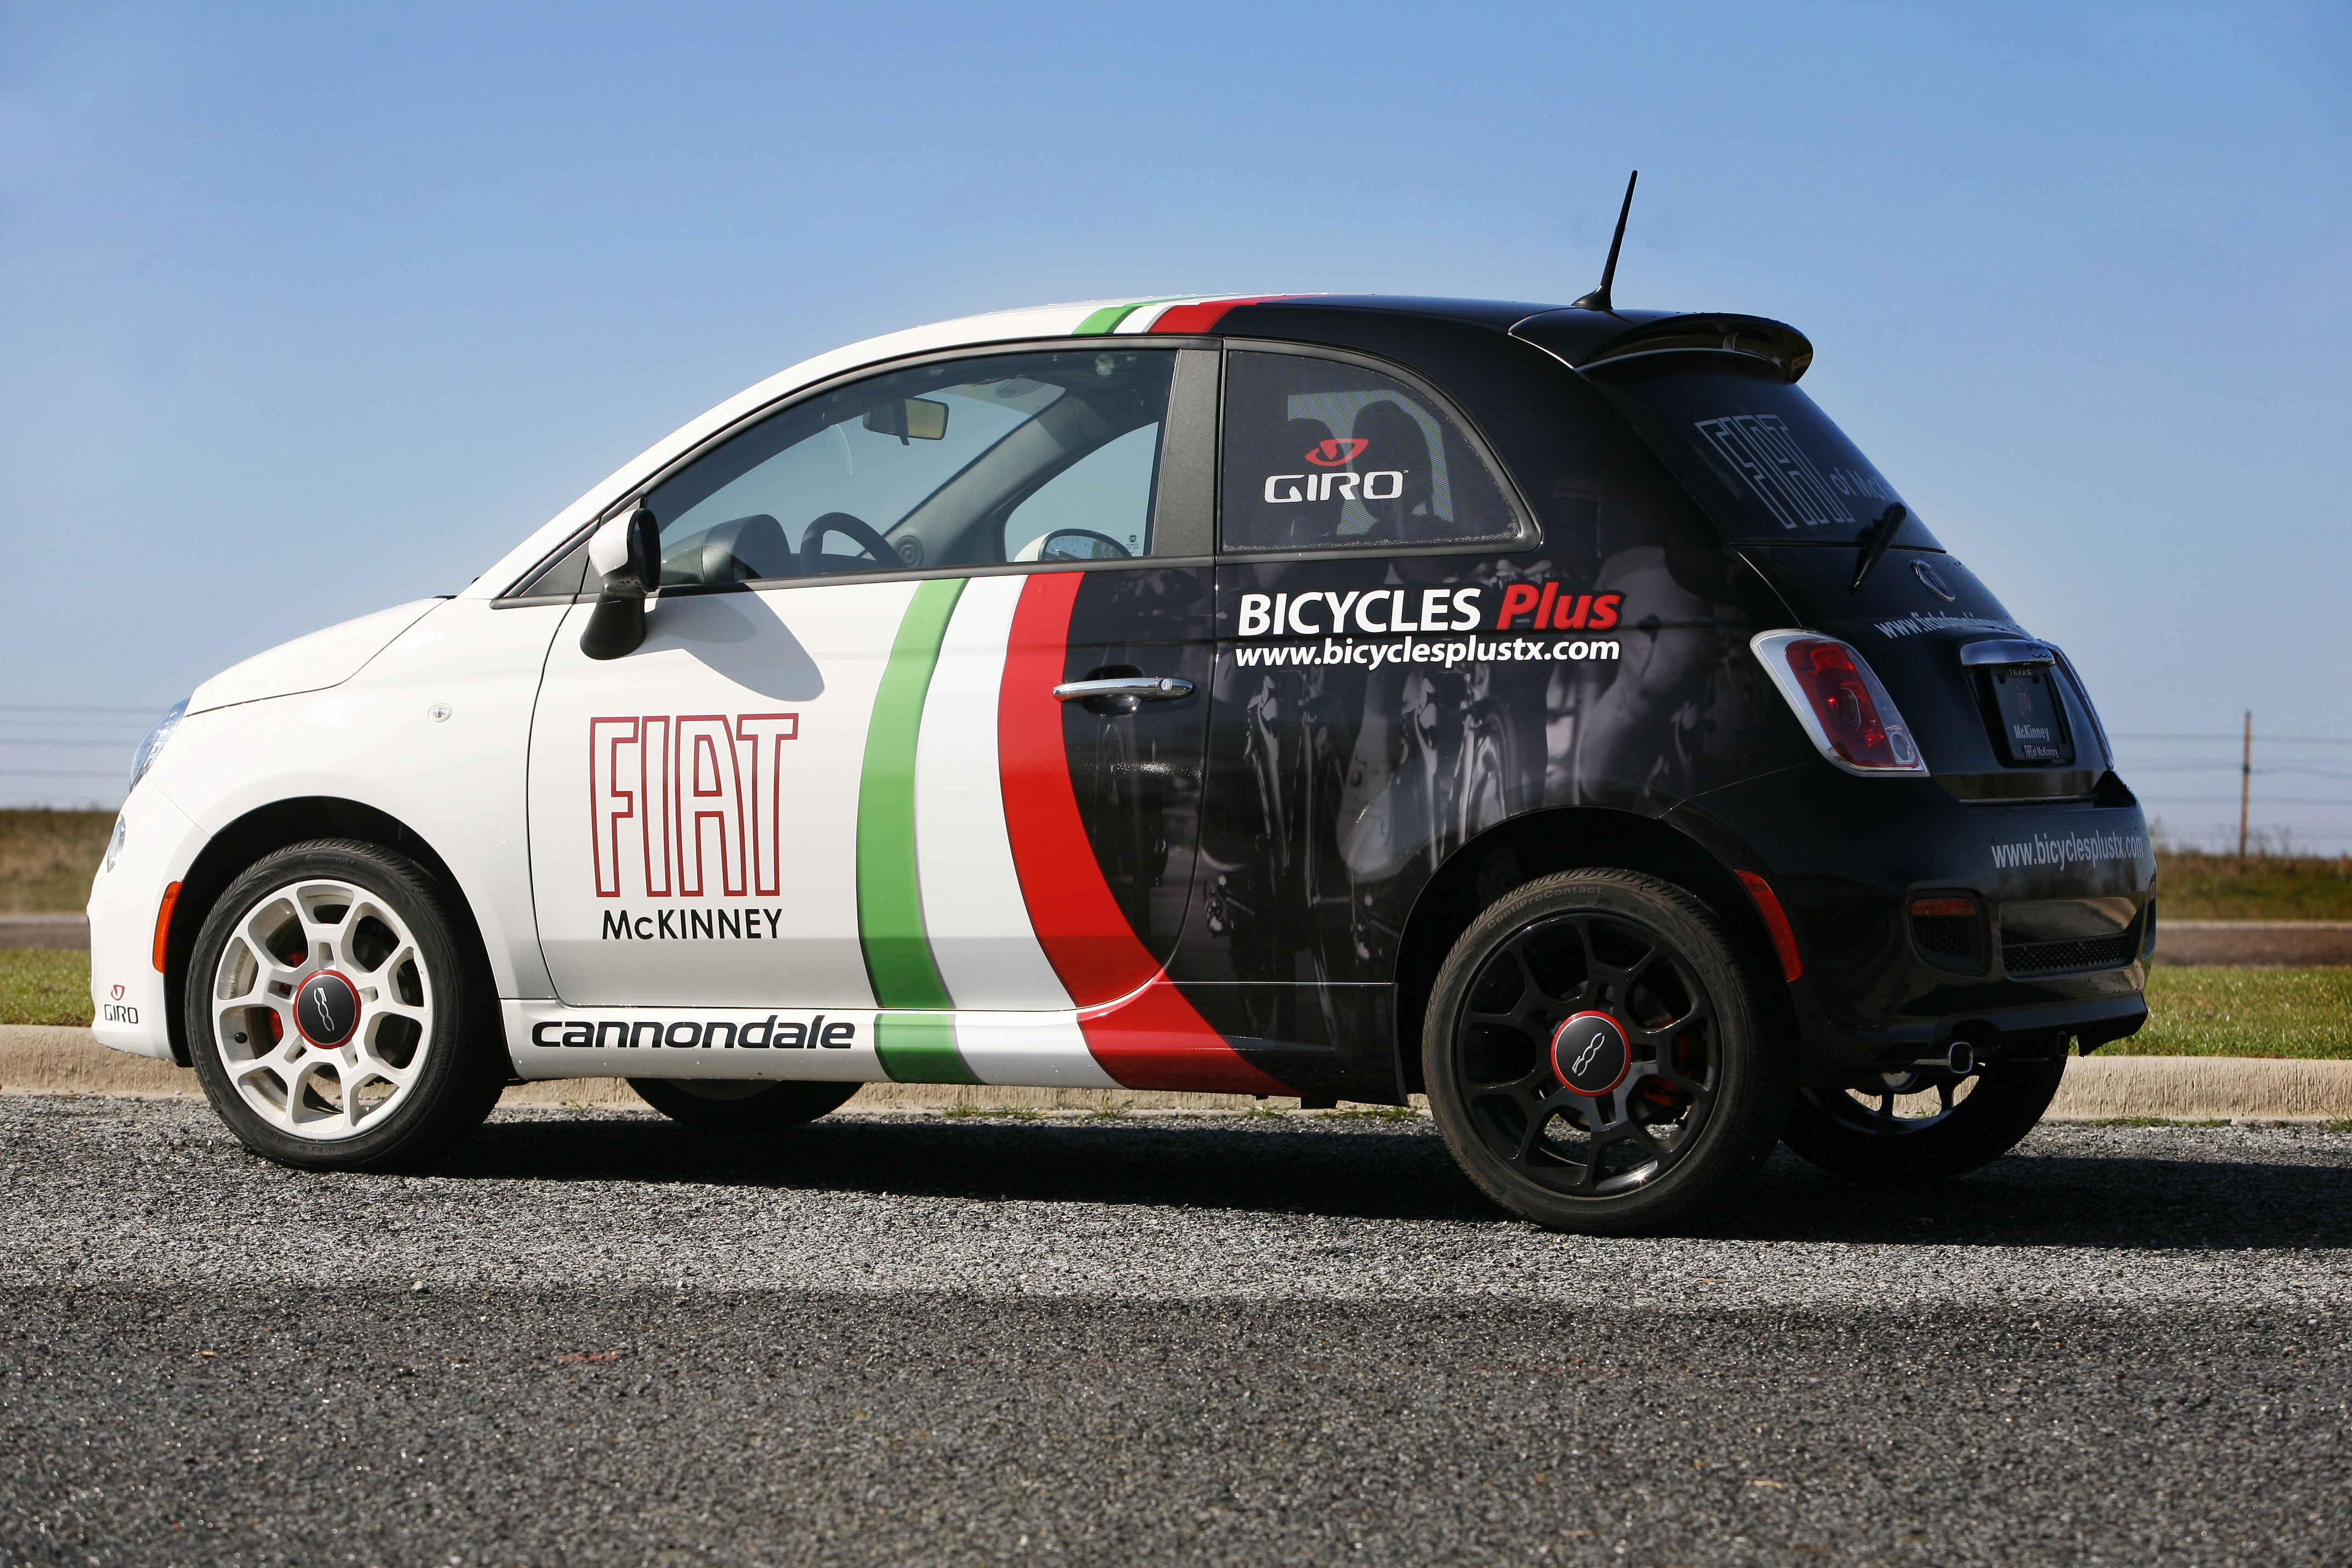 Fiat Of Mckinney By Car Wrap Www Carwrapcity Com Fahrzeugbeschriftung Autobeschriftung Fahrzeugfolierung [ 2859 x 4288 Pixel ]